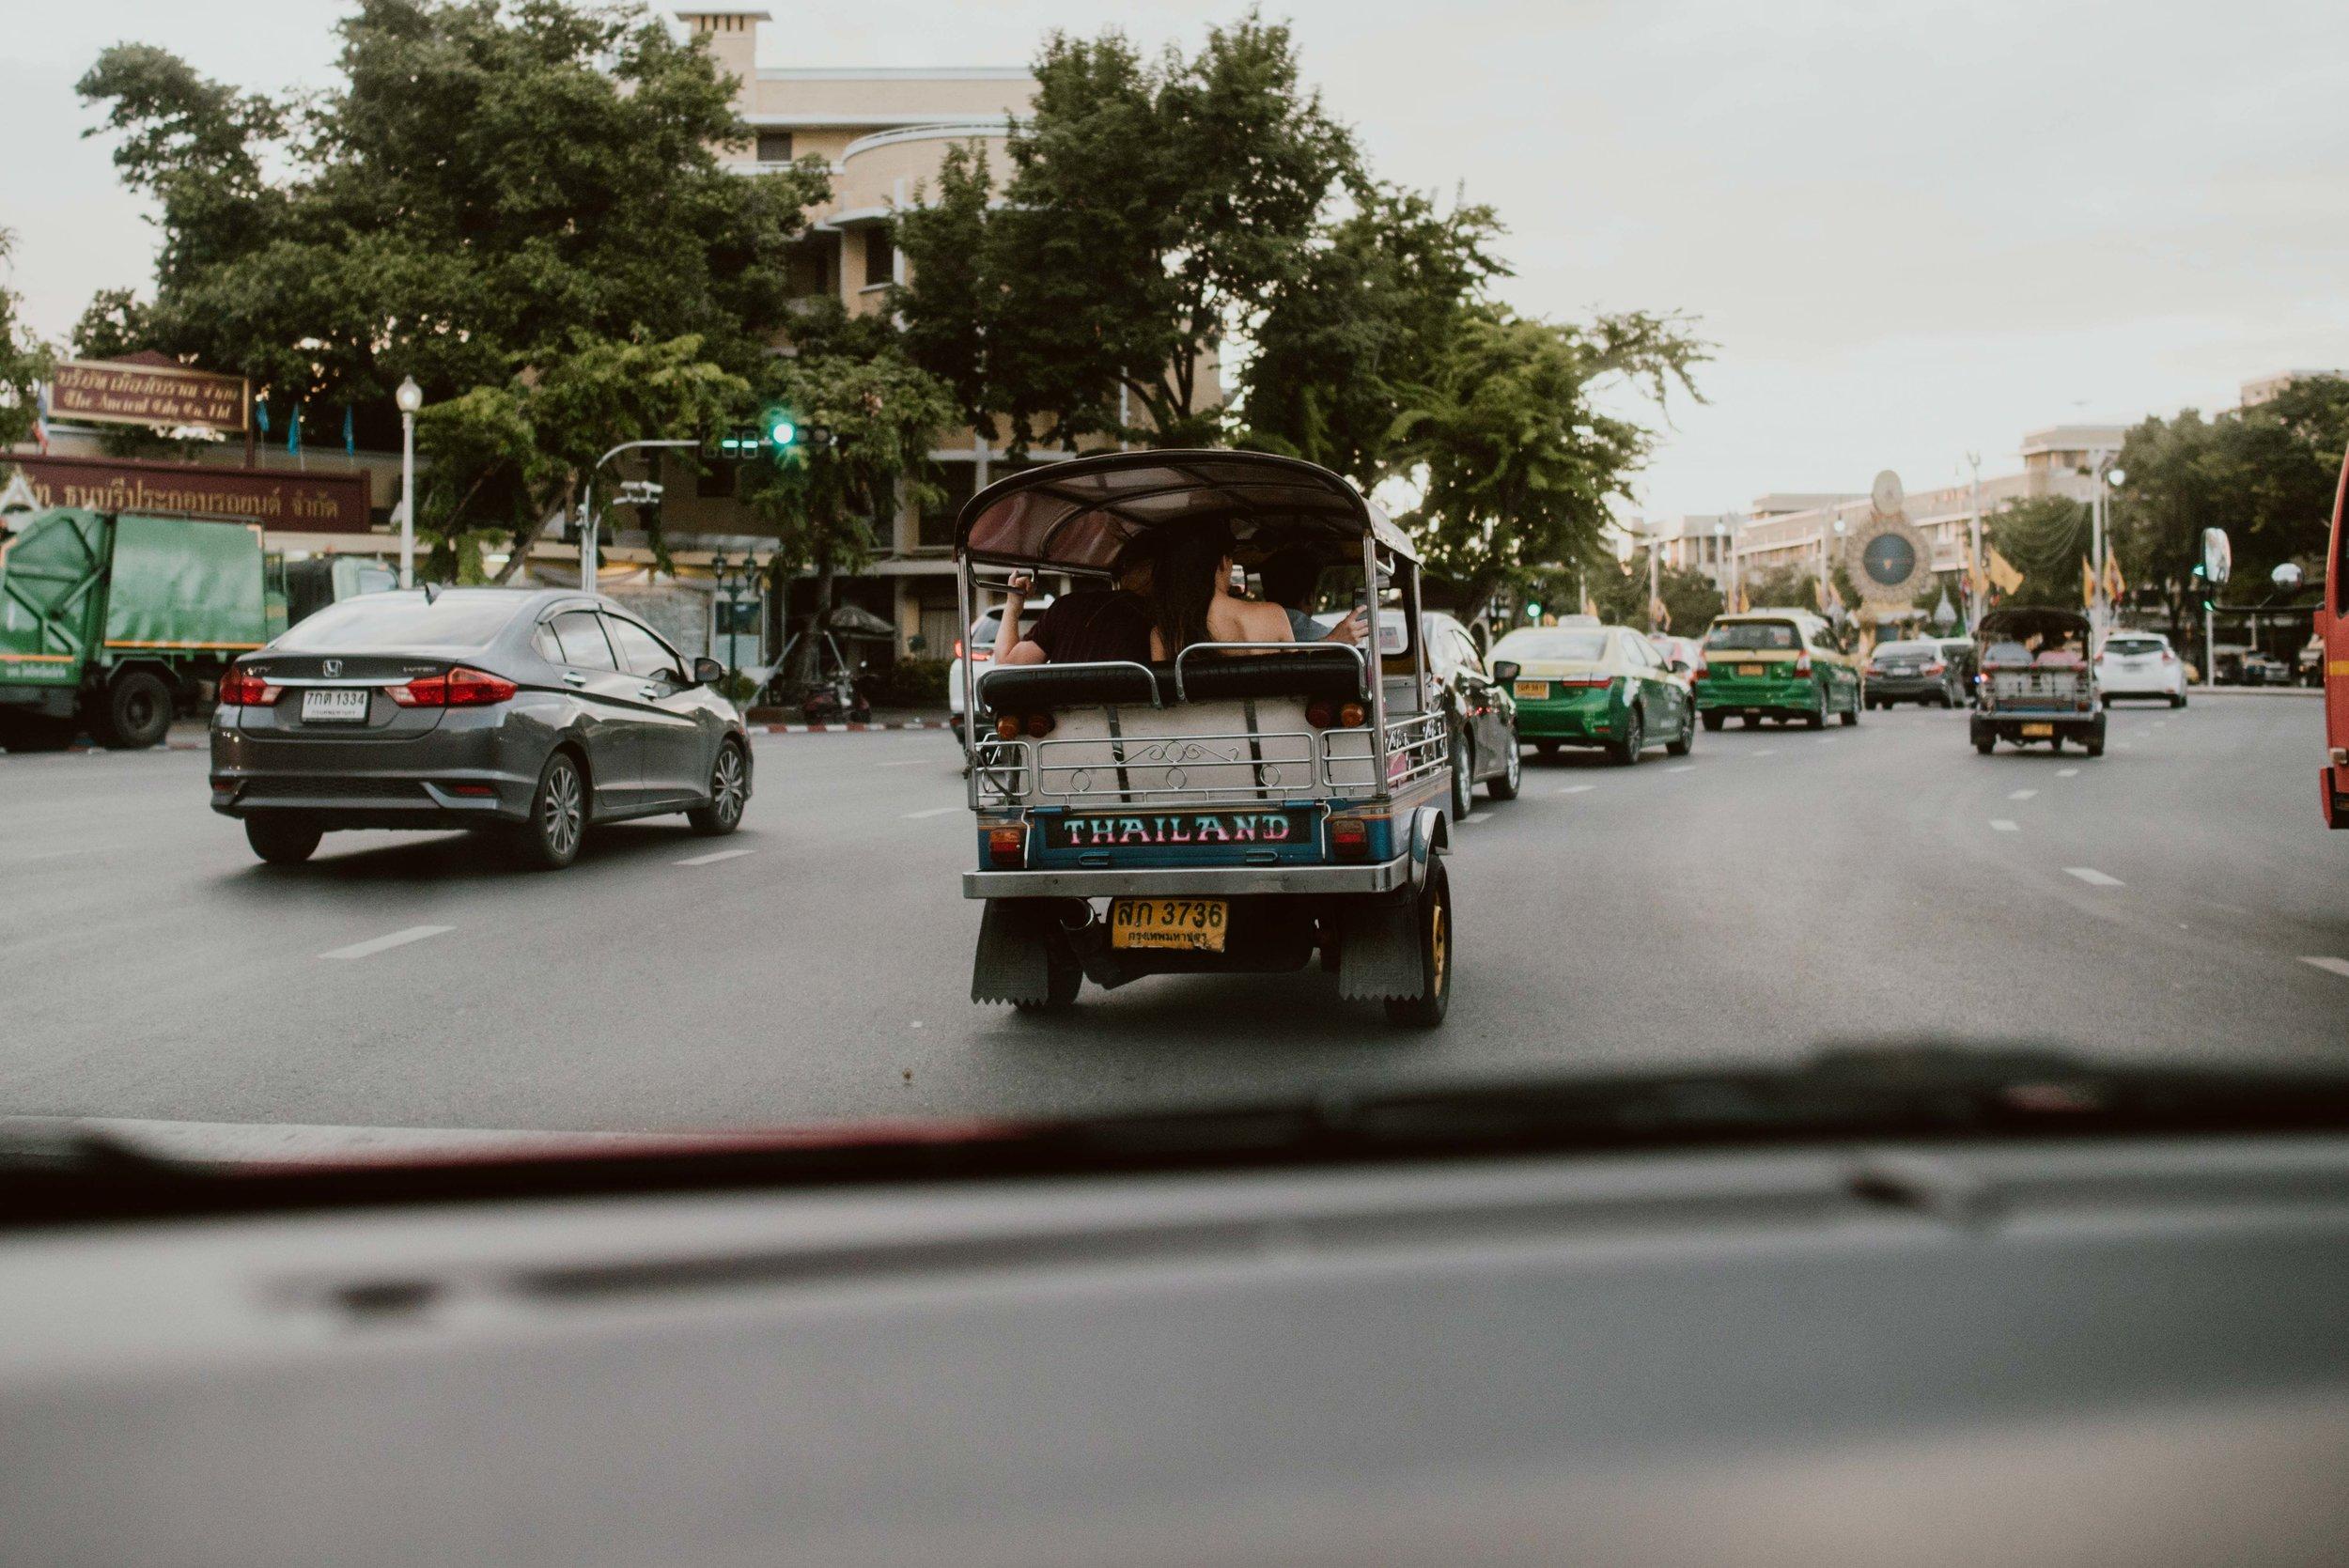 Bangkok-losebano-25.jpg